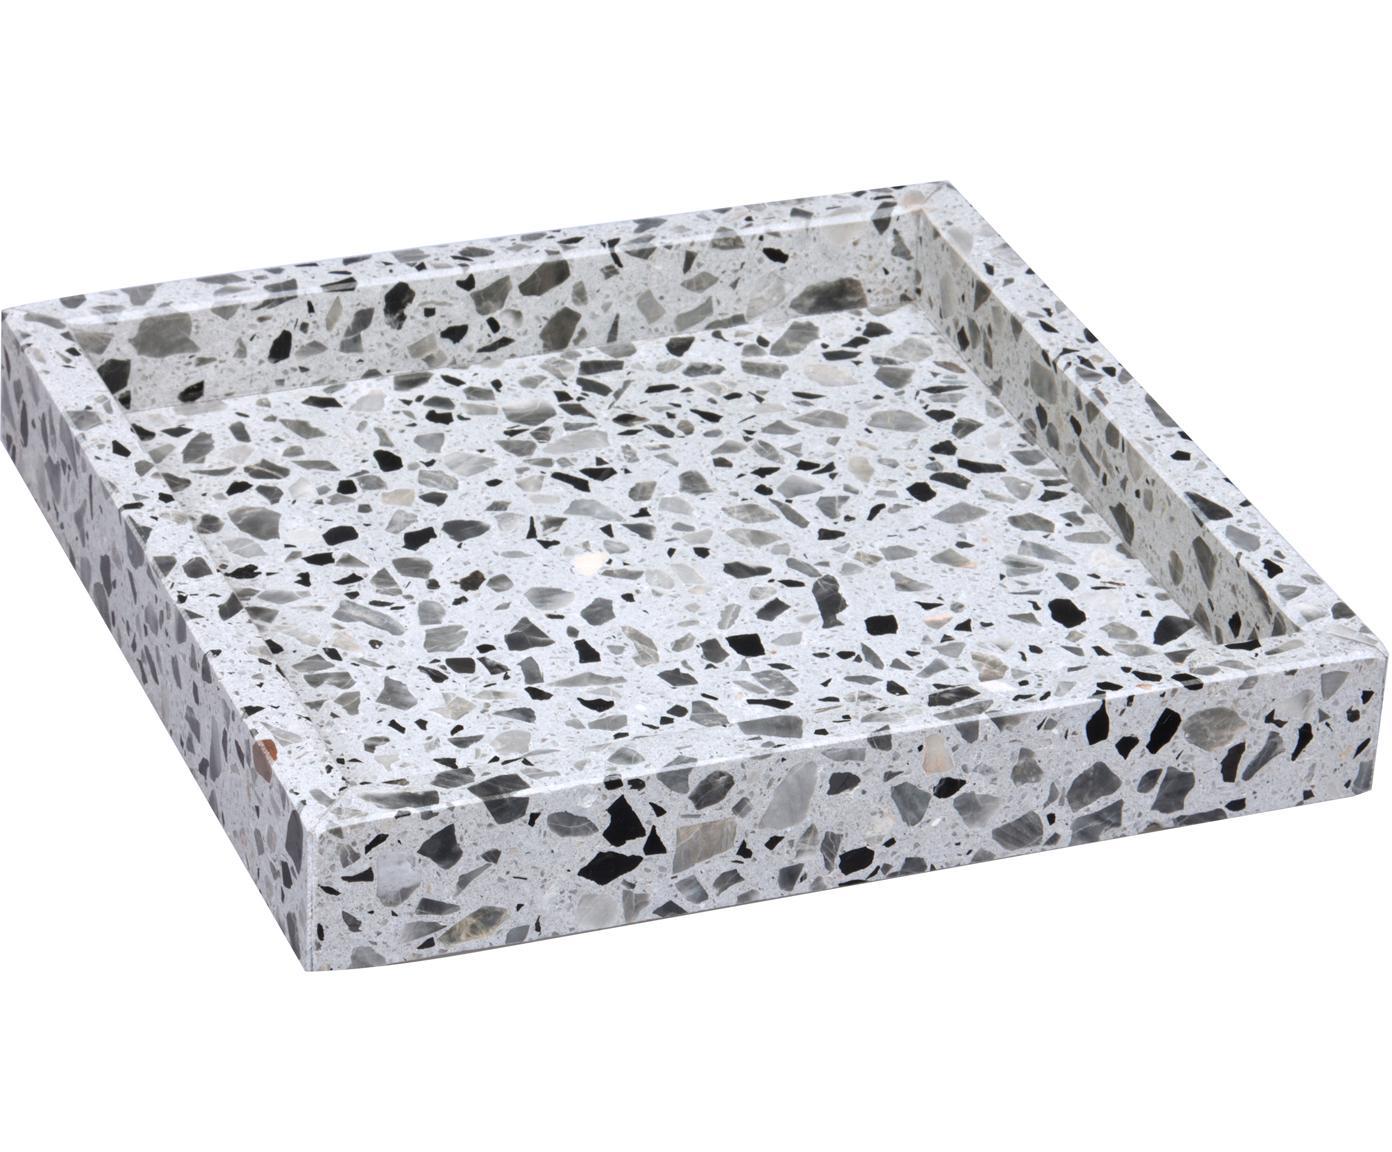 Tablett Hygge aus Terrazzo, Terrazzo, Grautöne, B 20 x T 20 cm